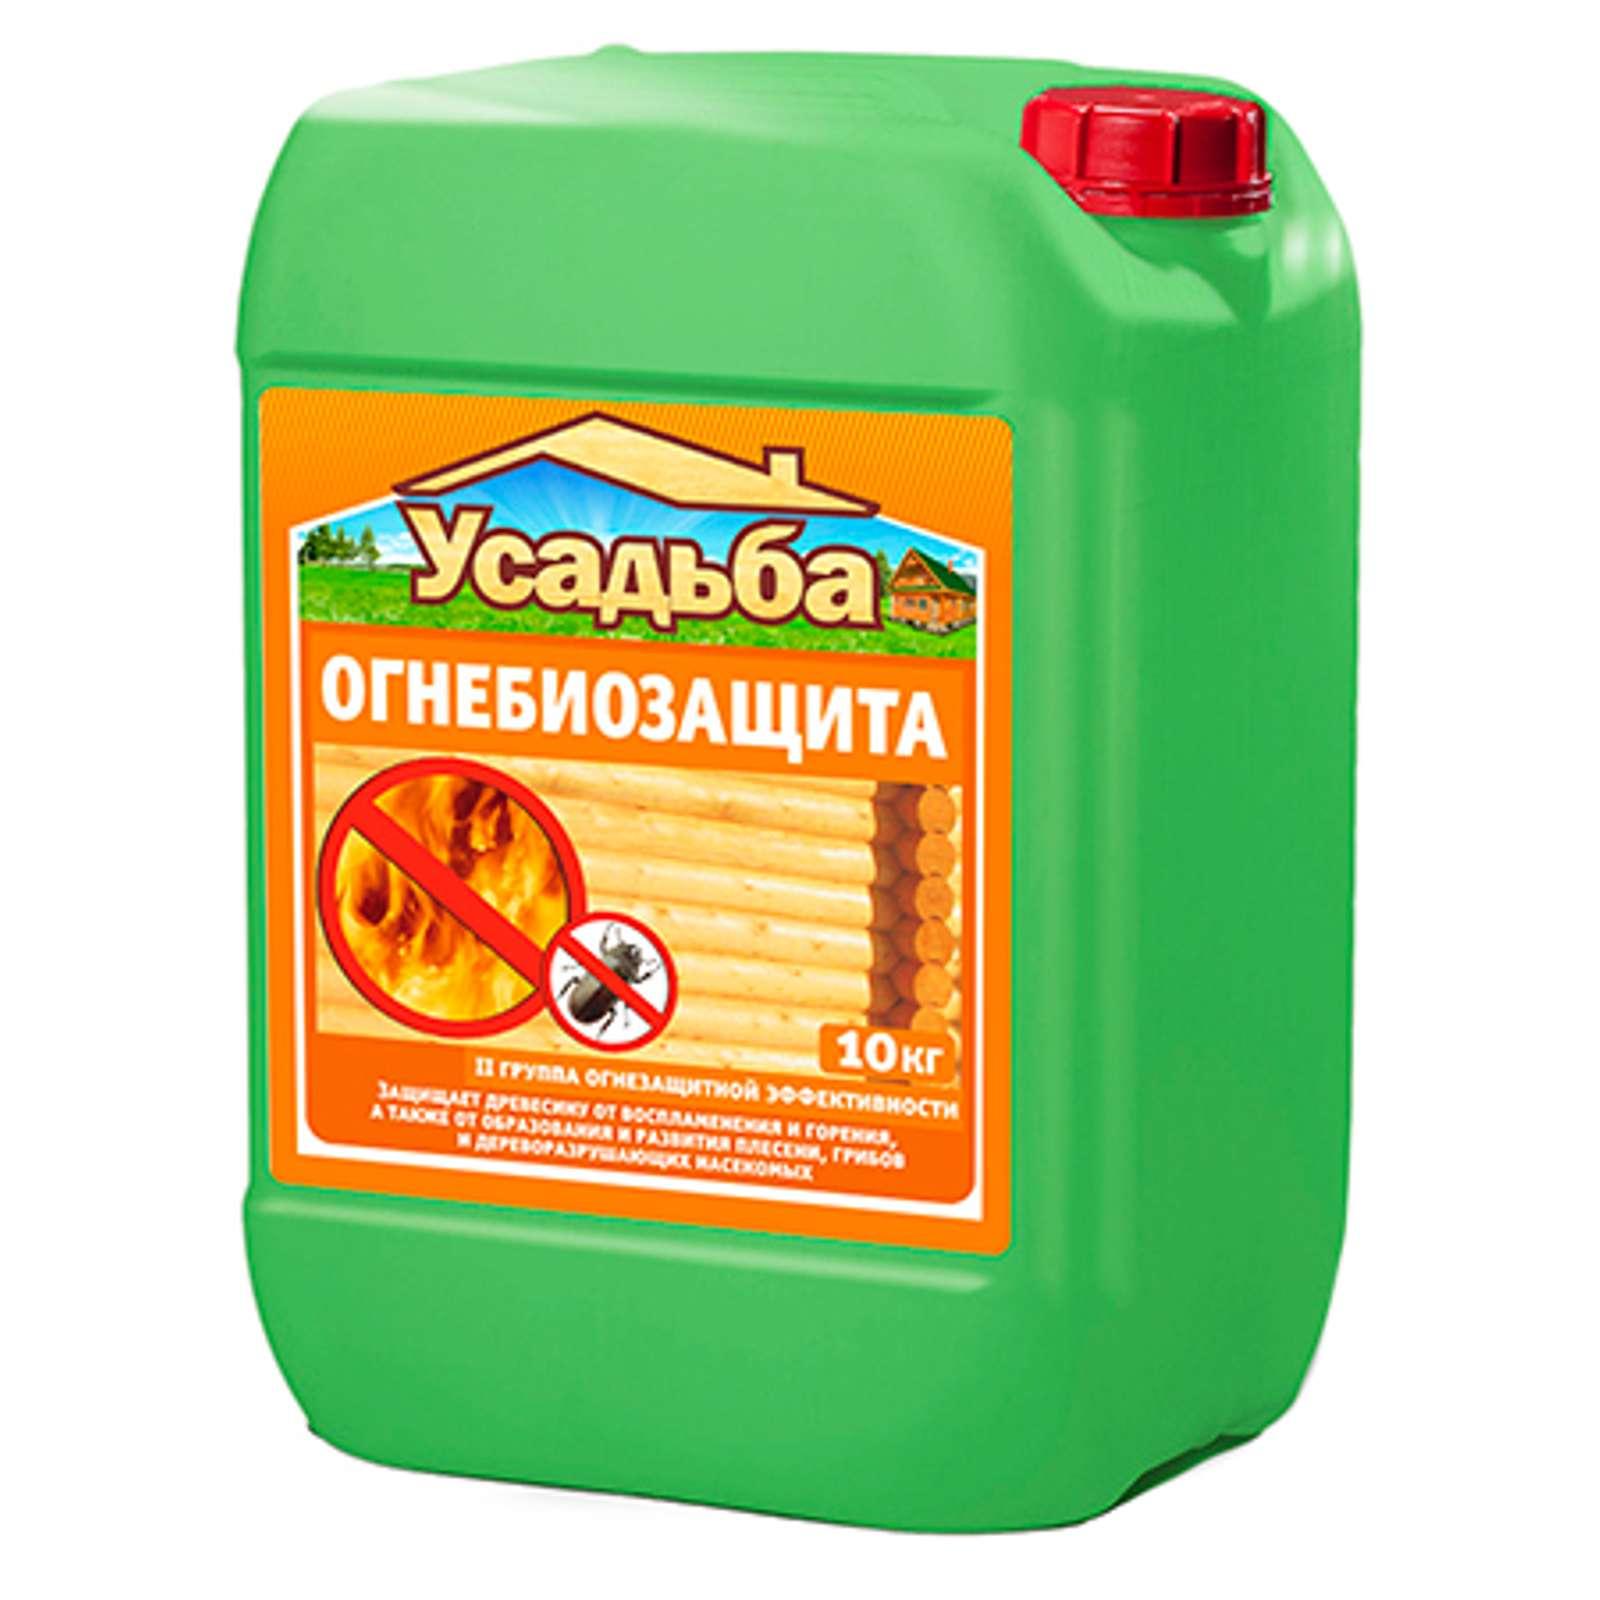 Пропитка огнебиозащитная Усадьба-101, 10кг